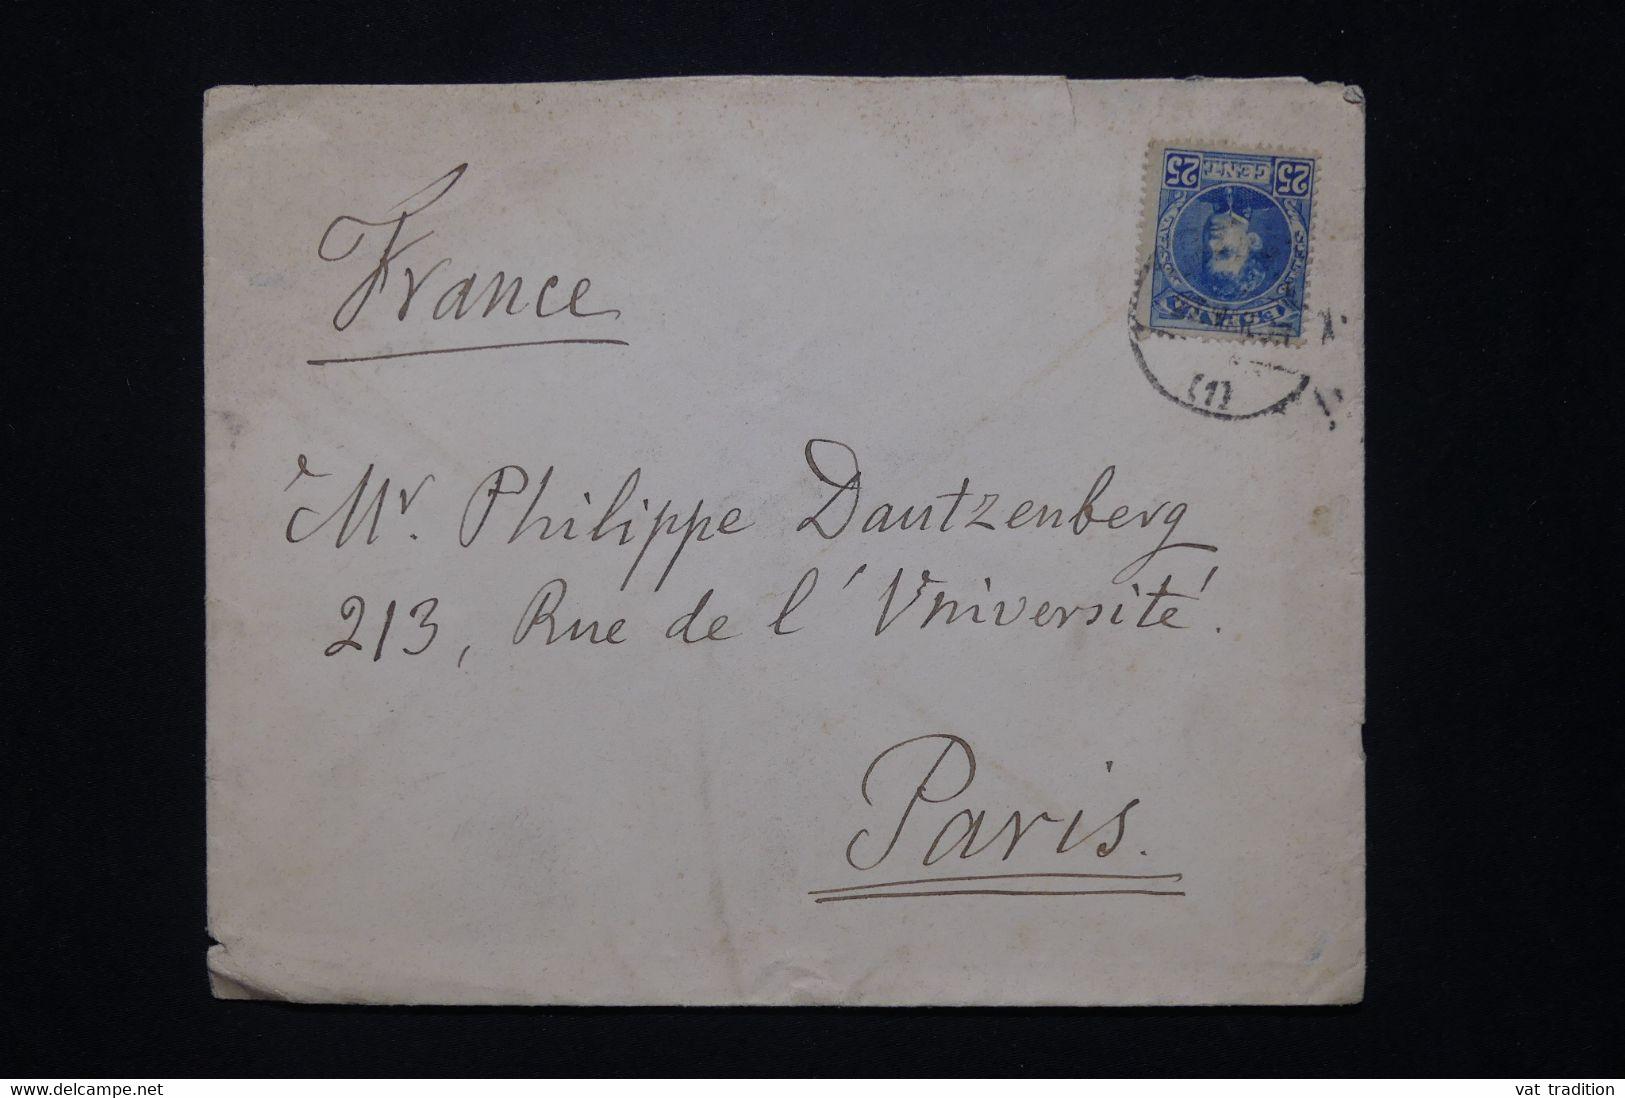 ESPAGNE - Enveloppe Pour La France - L 79820 - Cartas